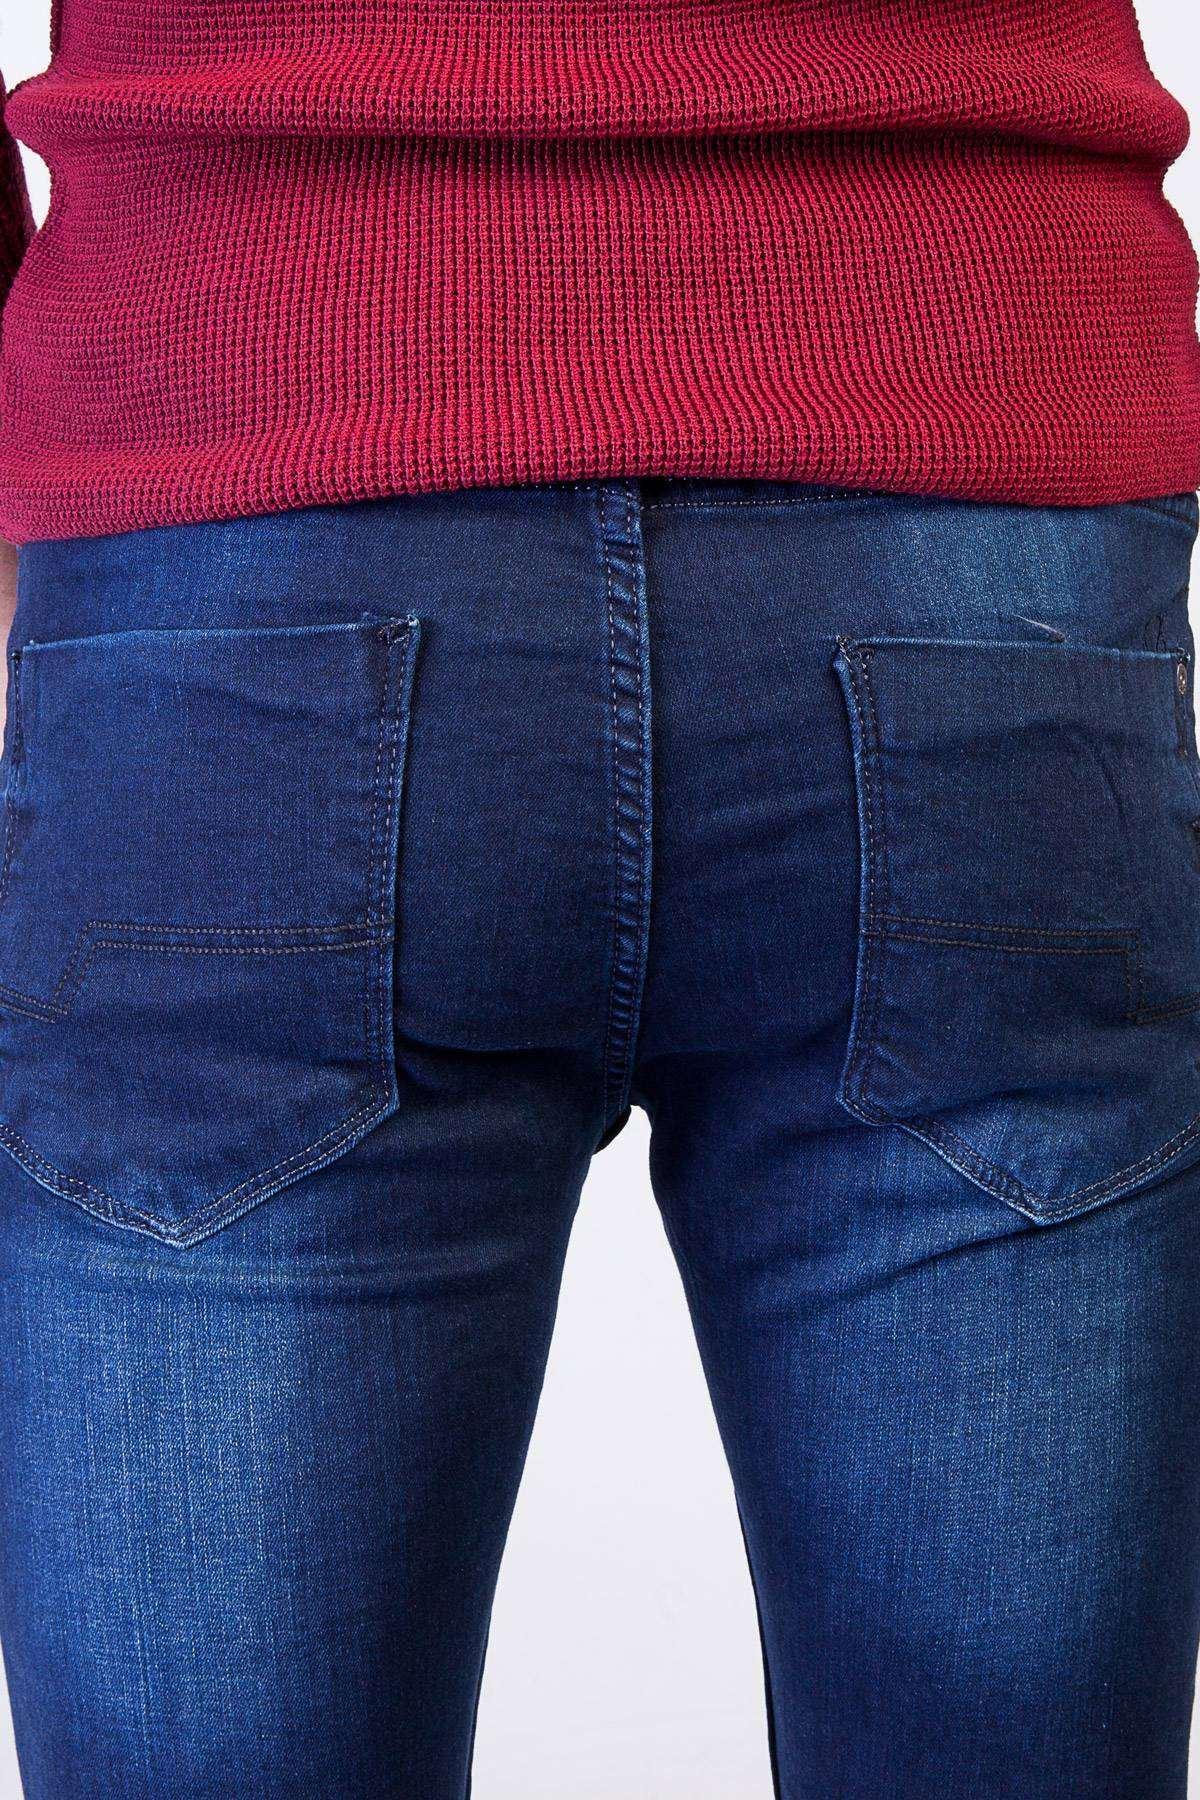 Taşlama Bilek Kot Pantolon Lacivert